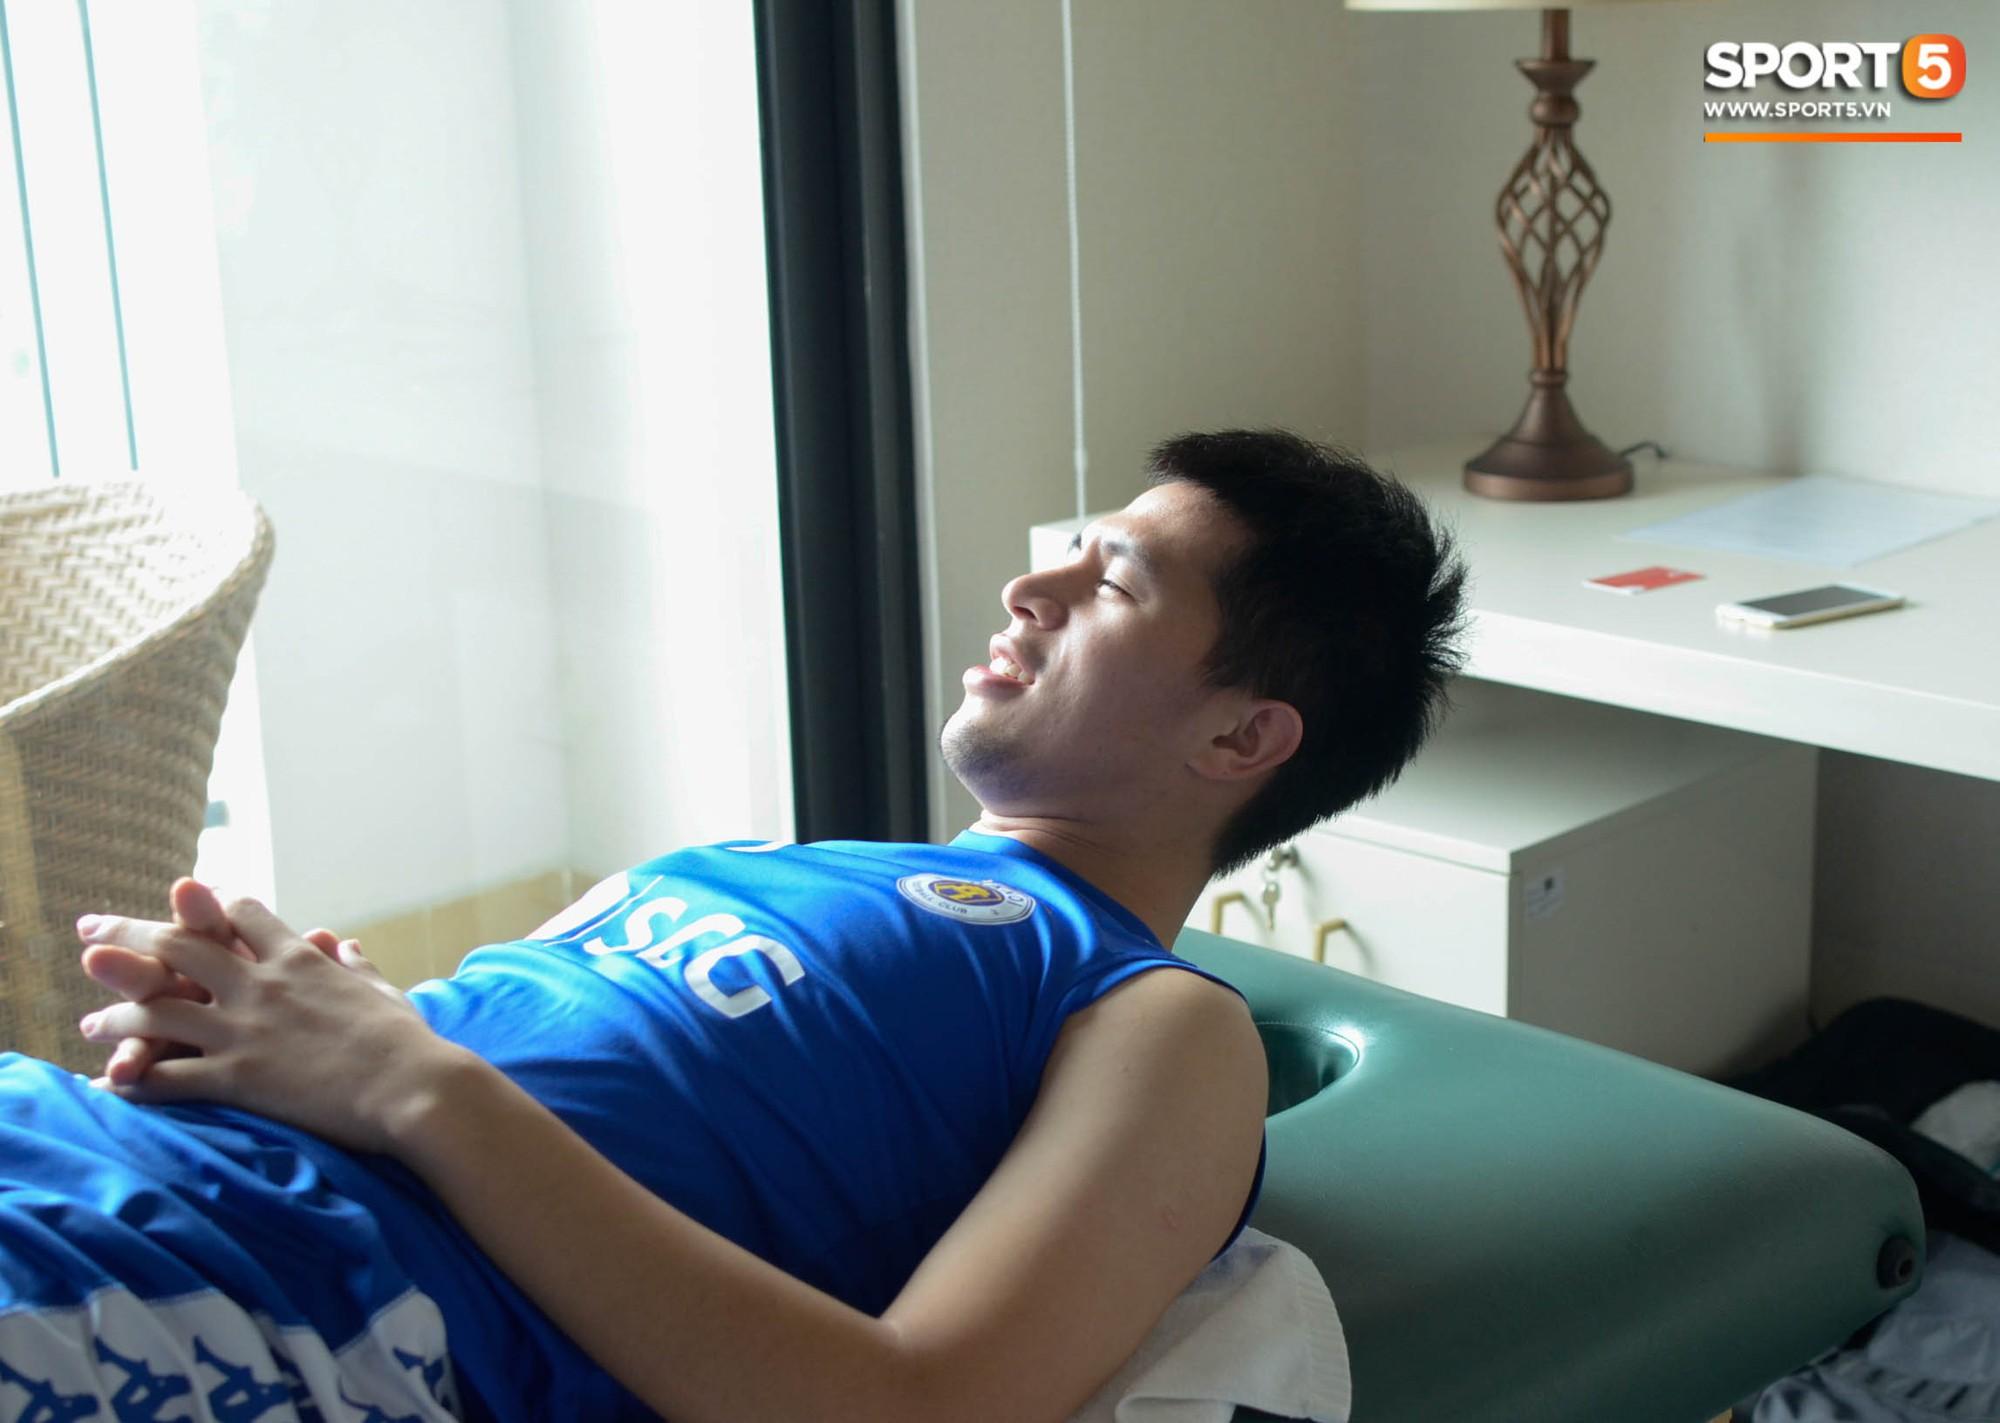 Đình Trọng kiên trì tập hồi phục, hy vọng mong manh kịp bình phục dự SEA Games 30-7